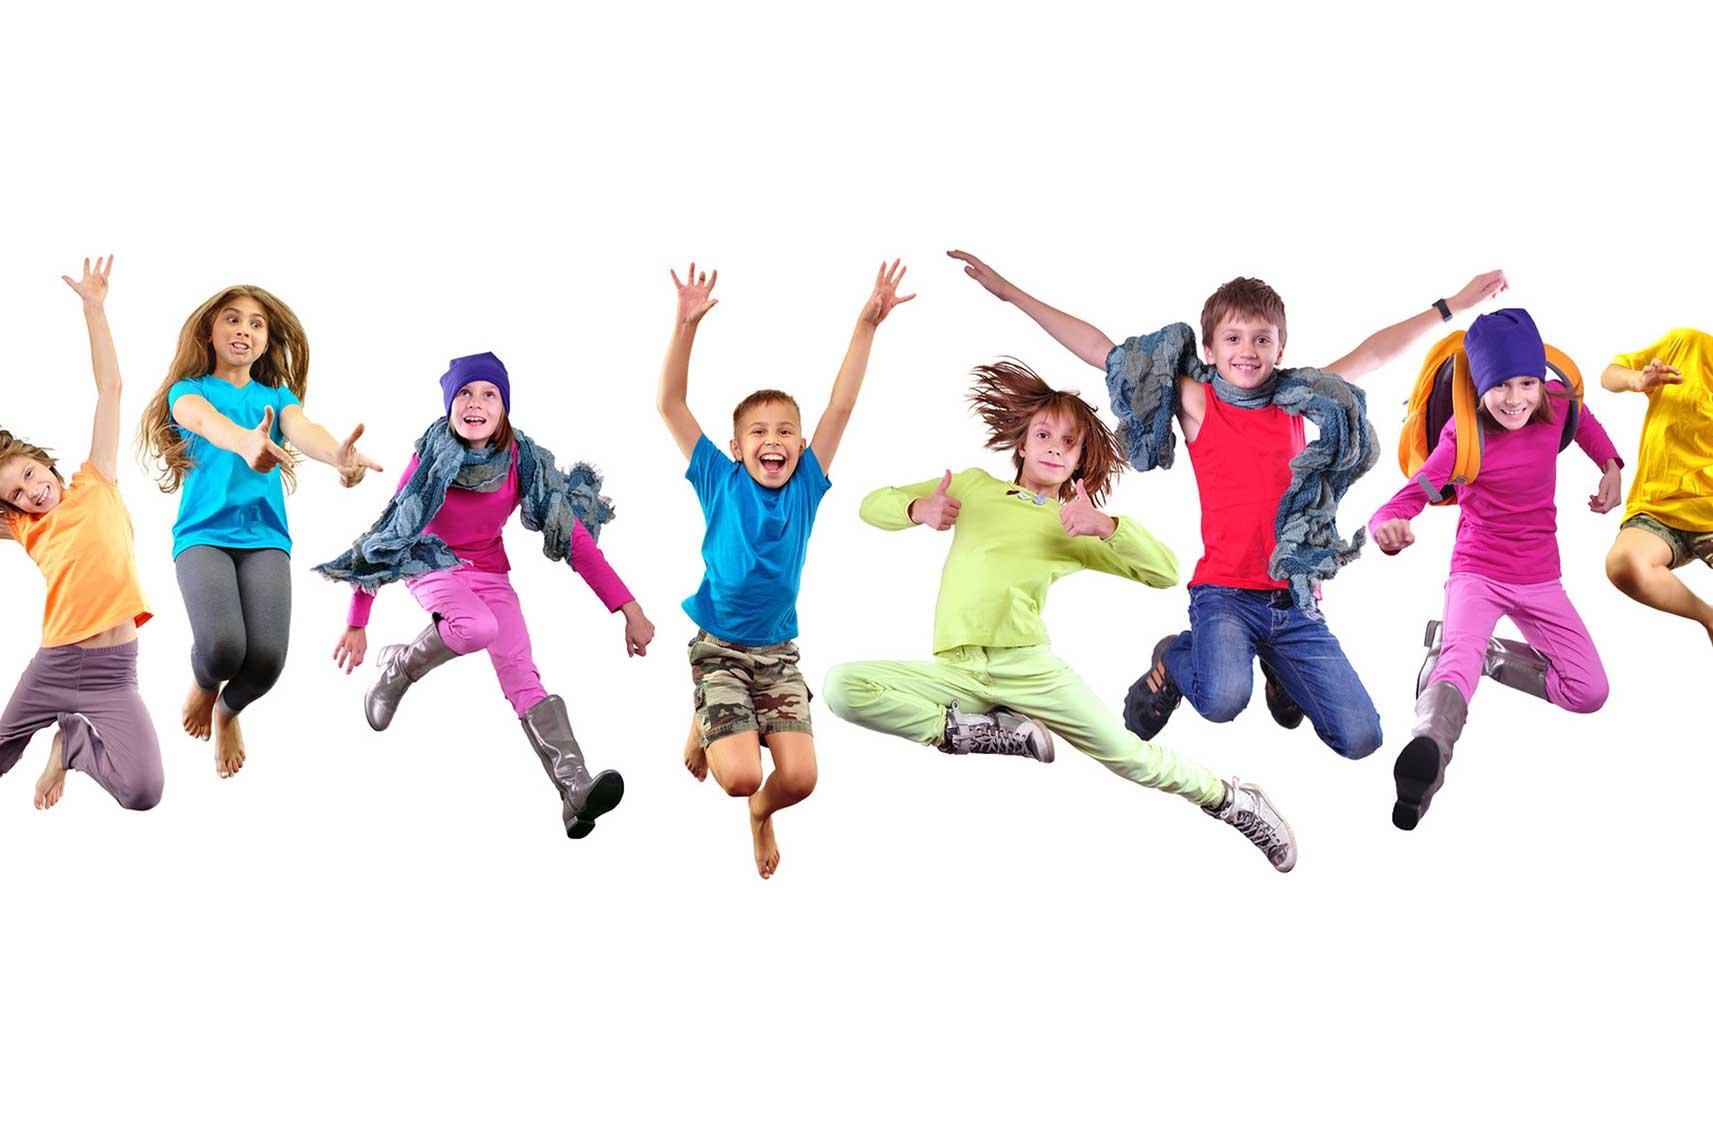 Enfants qui sautent de joie